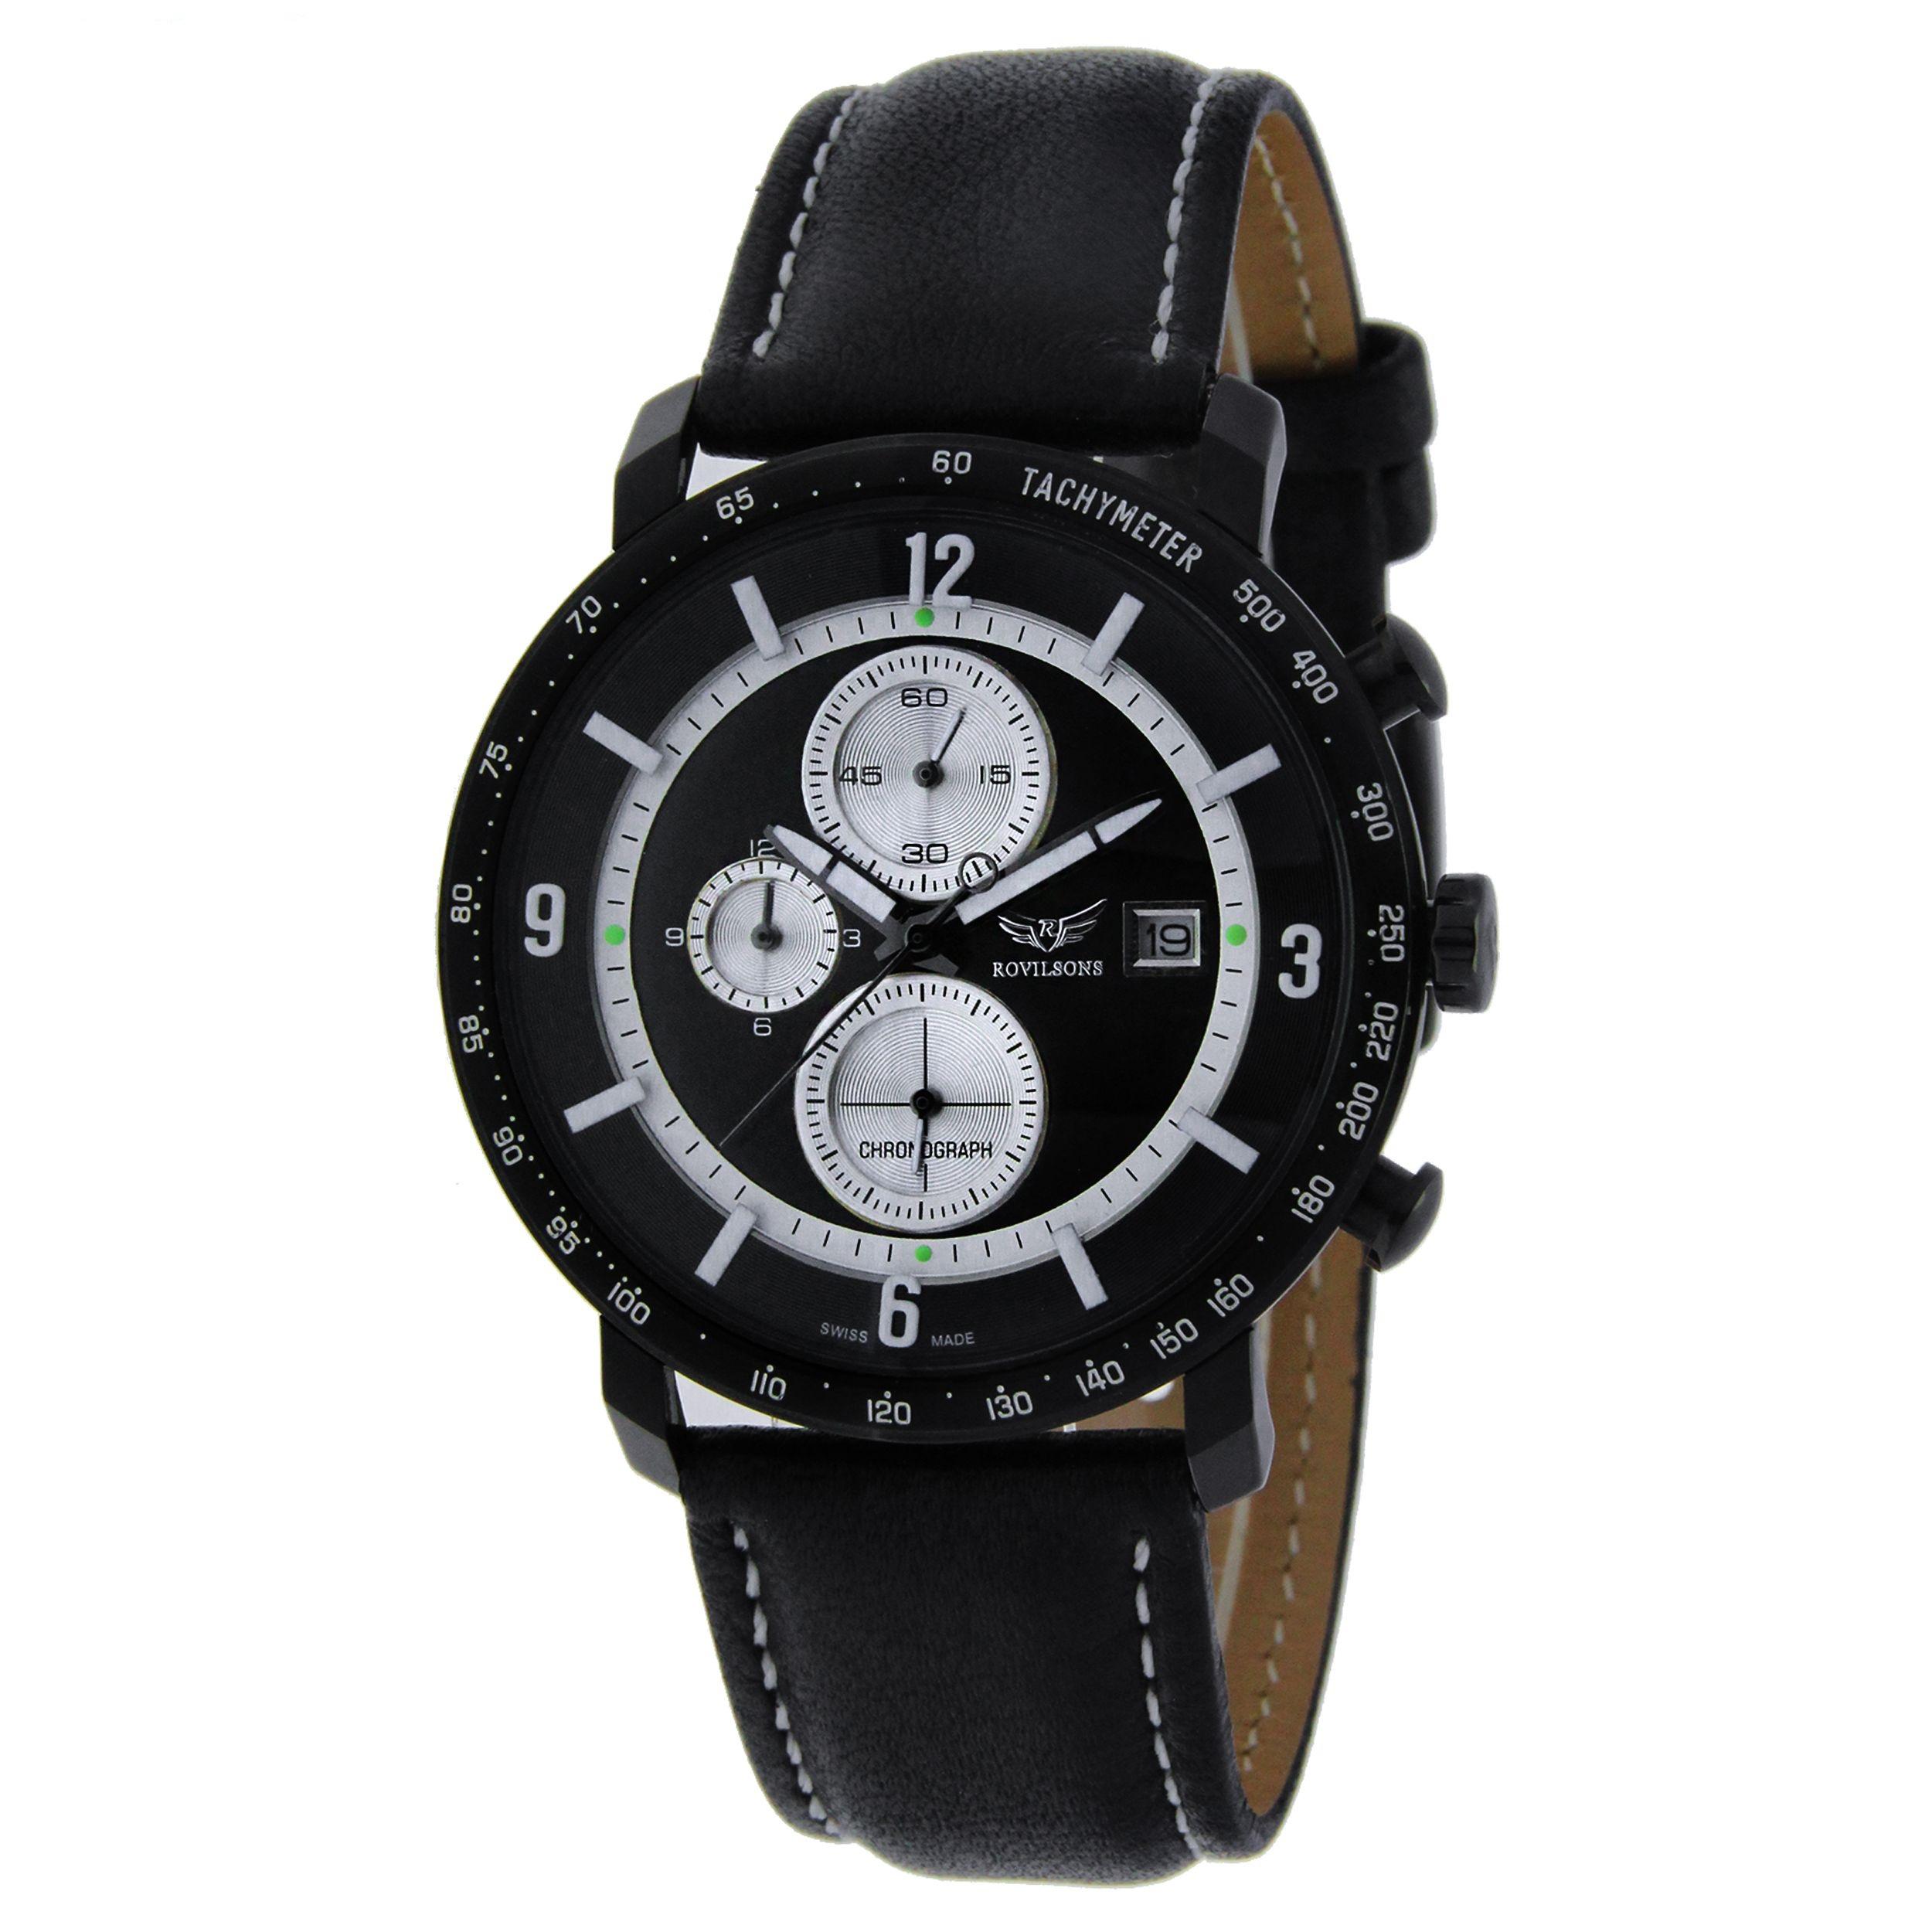 ساعت مچی عقربه ای مردانه راویلسون مدل RW-1062G-1 9